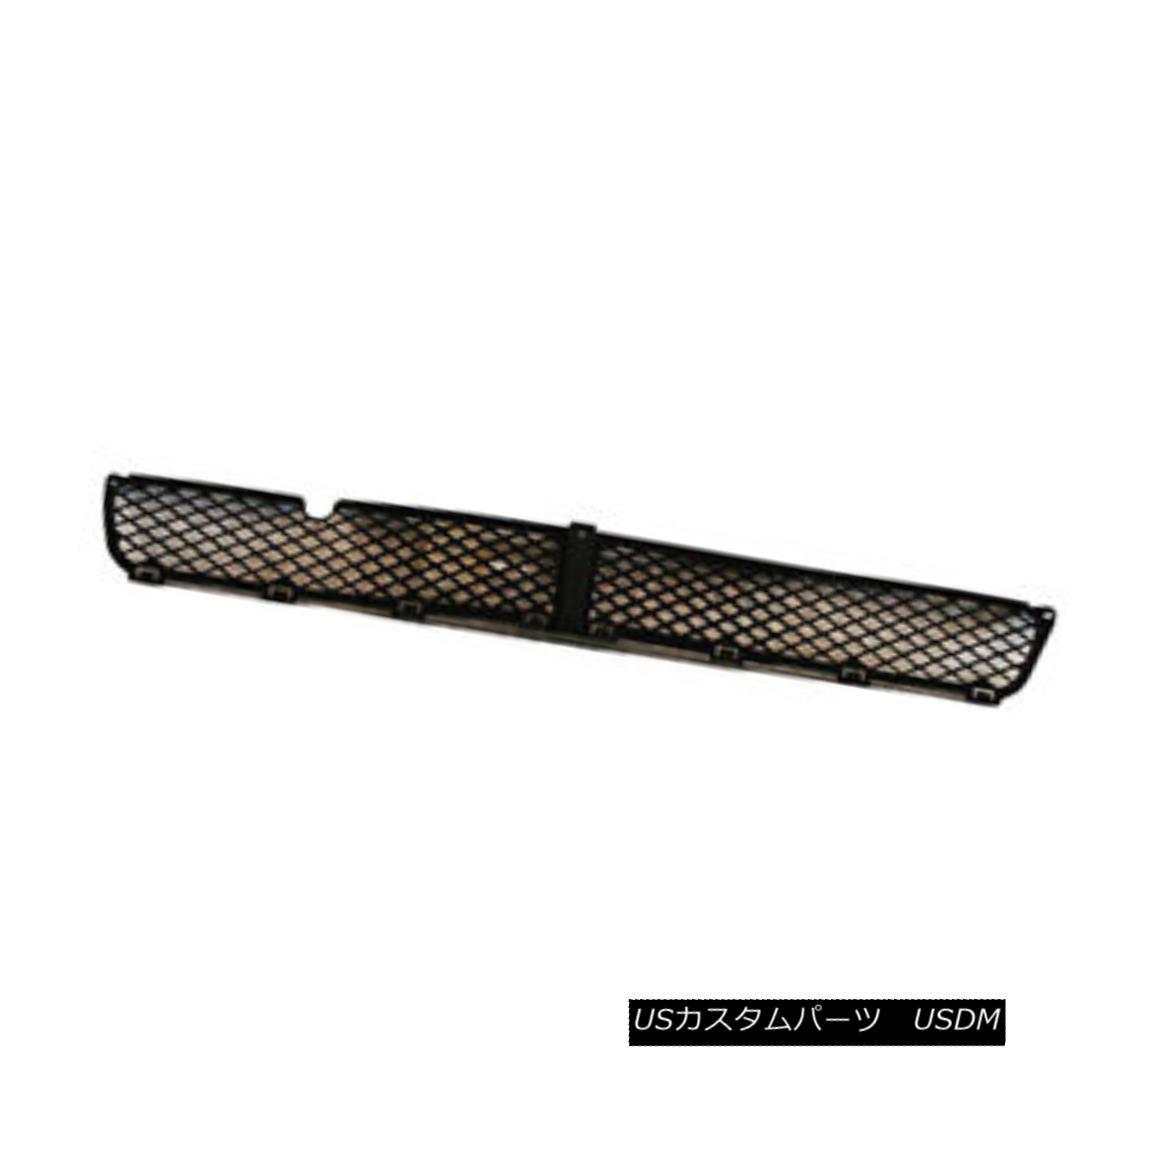 グリル New Replacement Bumper Cover Grille Black Plastic 104-1486 新しい交換用バンパーカバーグリルブラックプラスチック104-1486